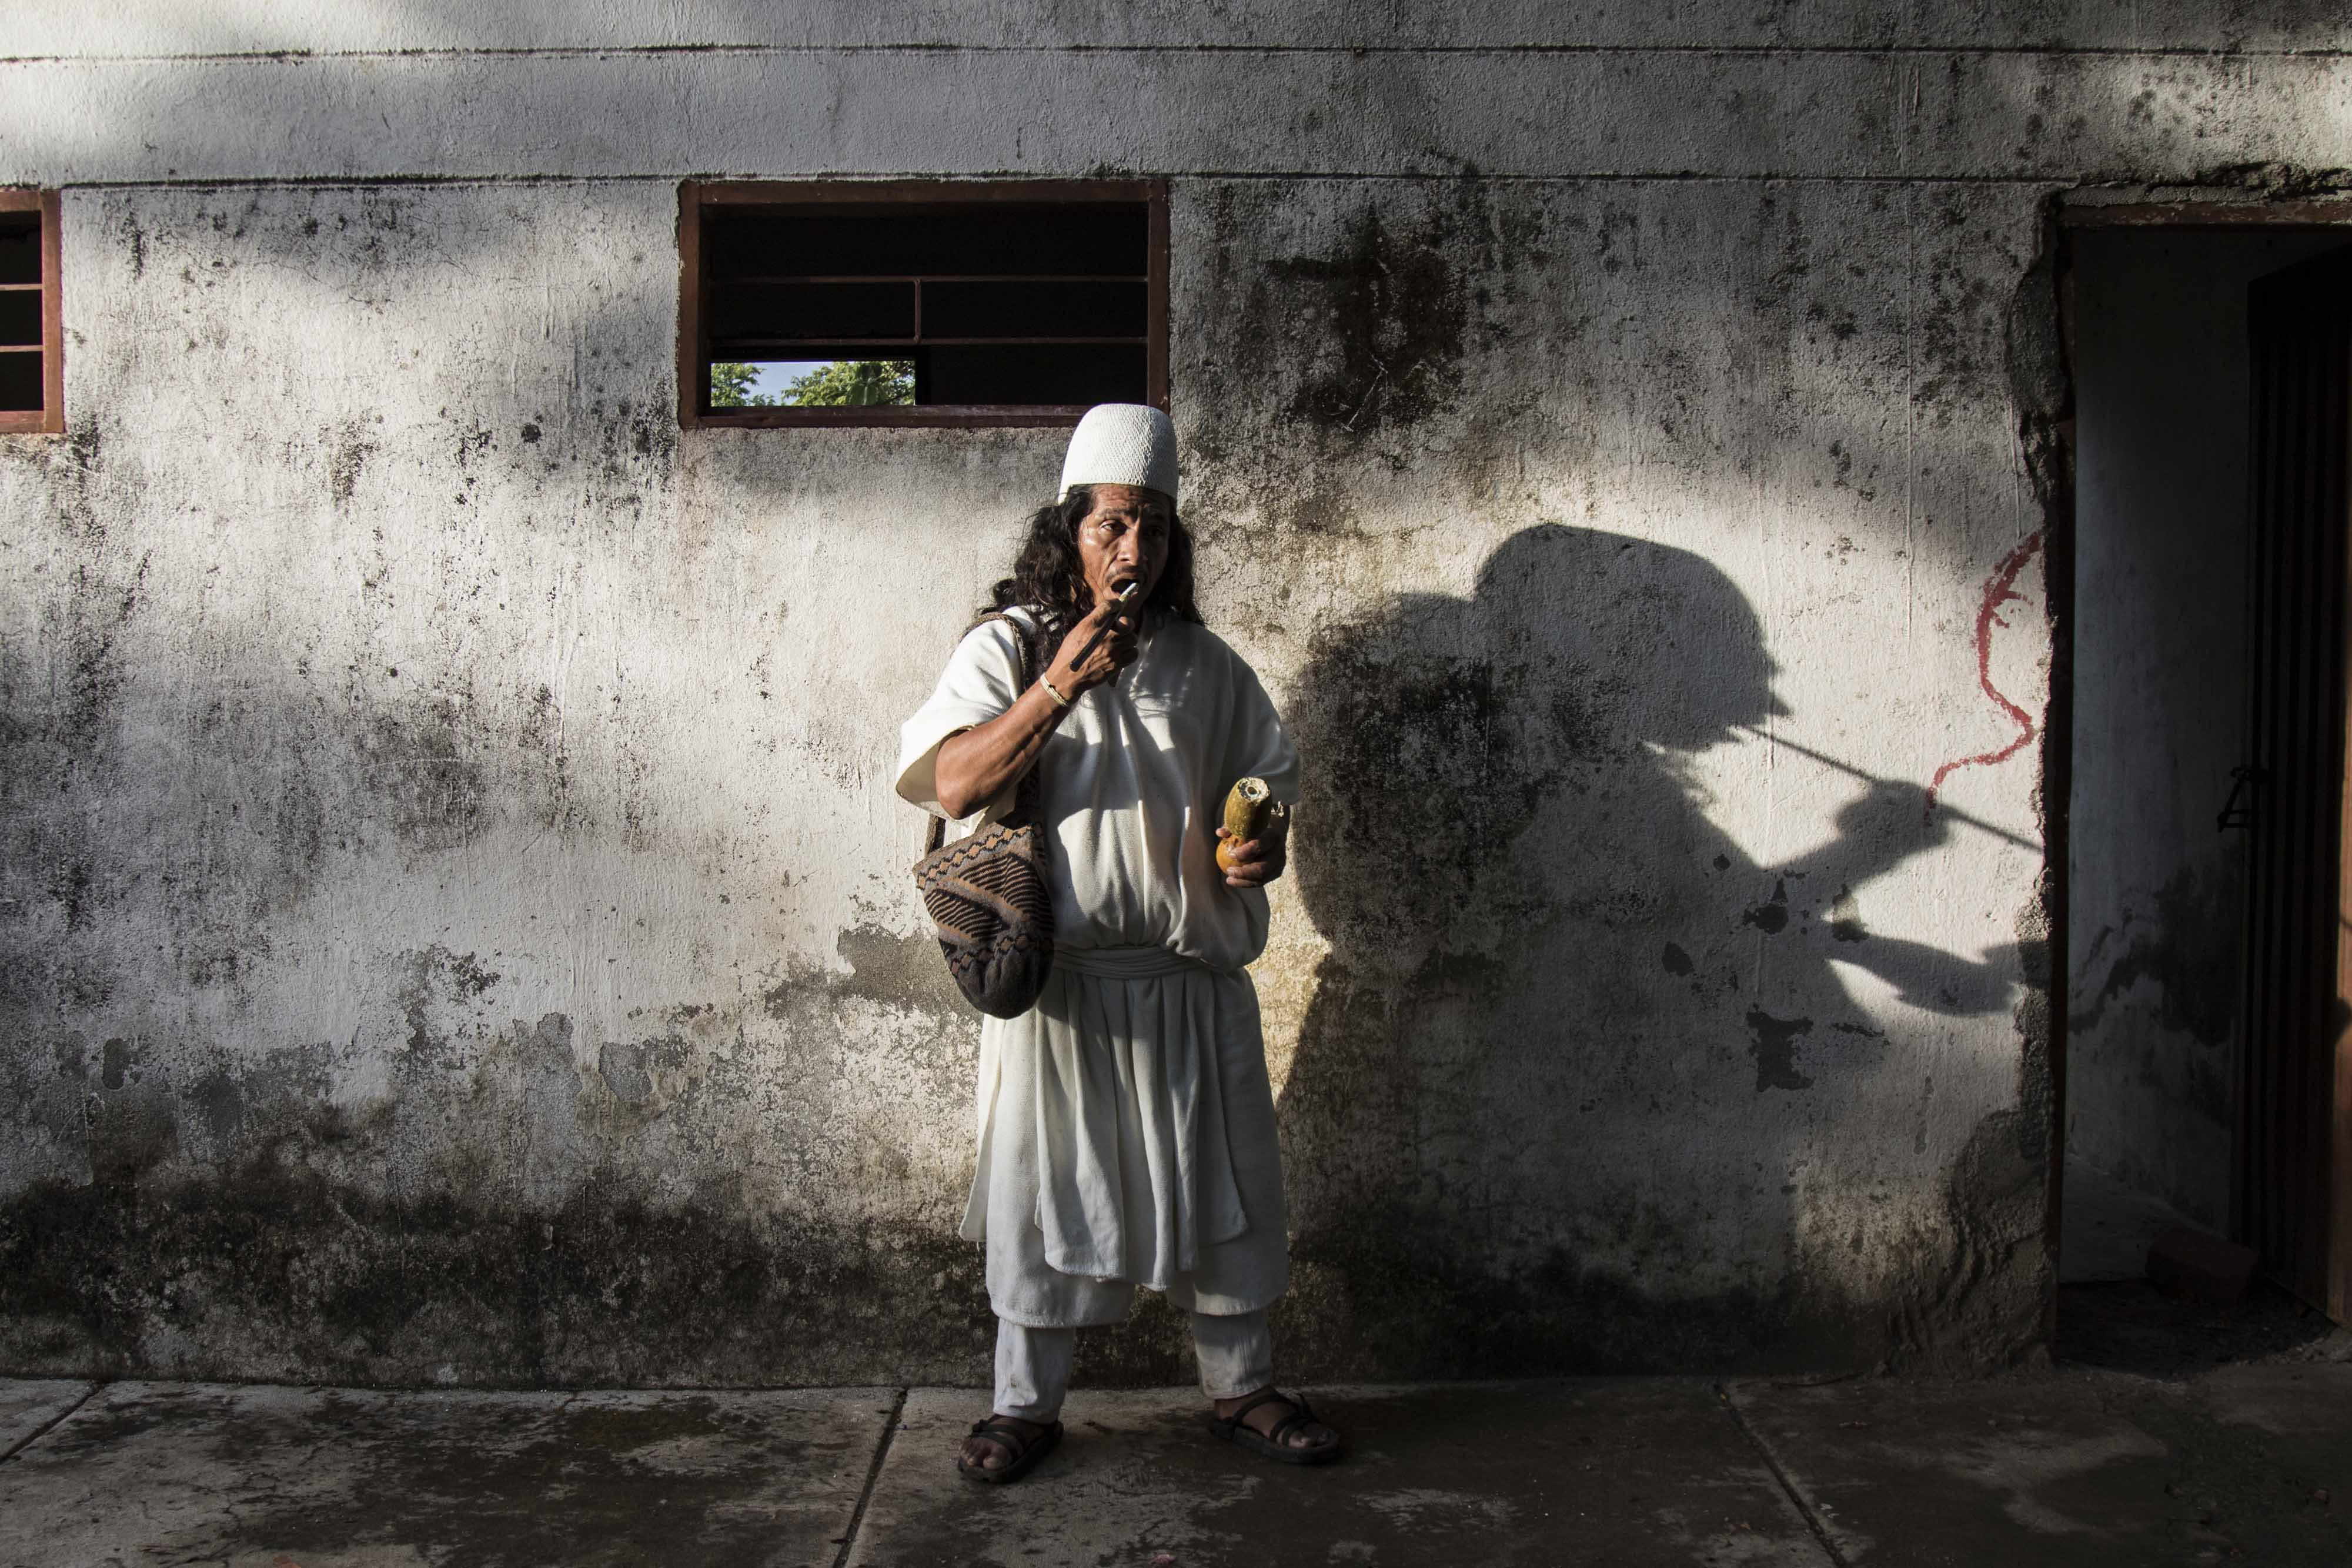 El comisario Jesús Ramón Torres posa para una foto frente a una casa abandonada cerca de Umuriwa. Foto: Aitor Sáez